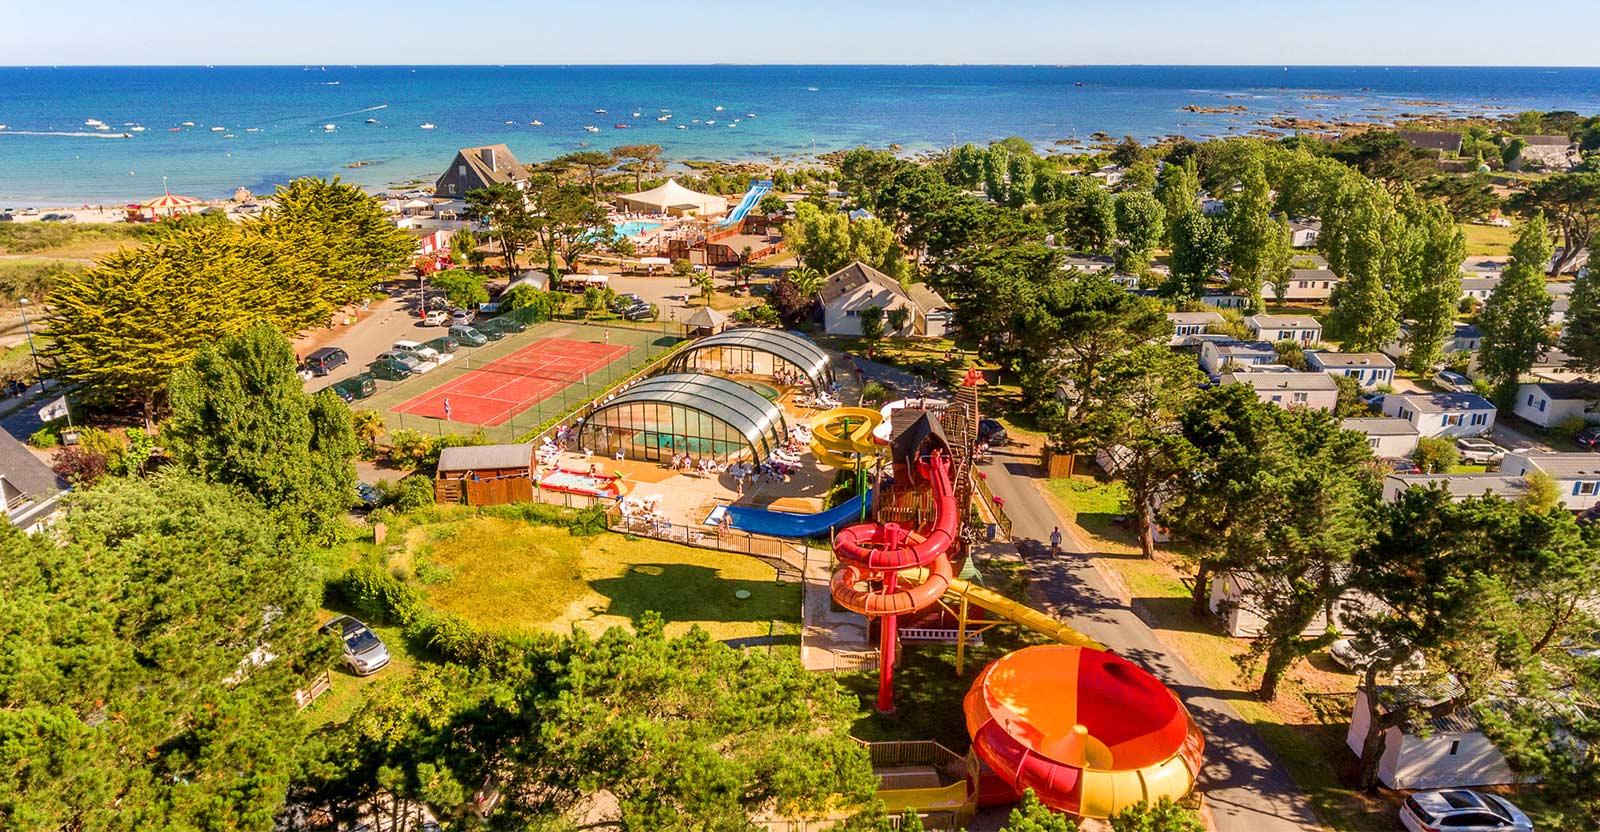 Camping avec piscine : qu'offre Lège-Cap-Ferret ?